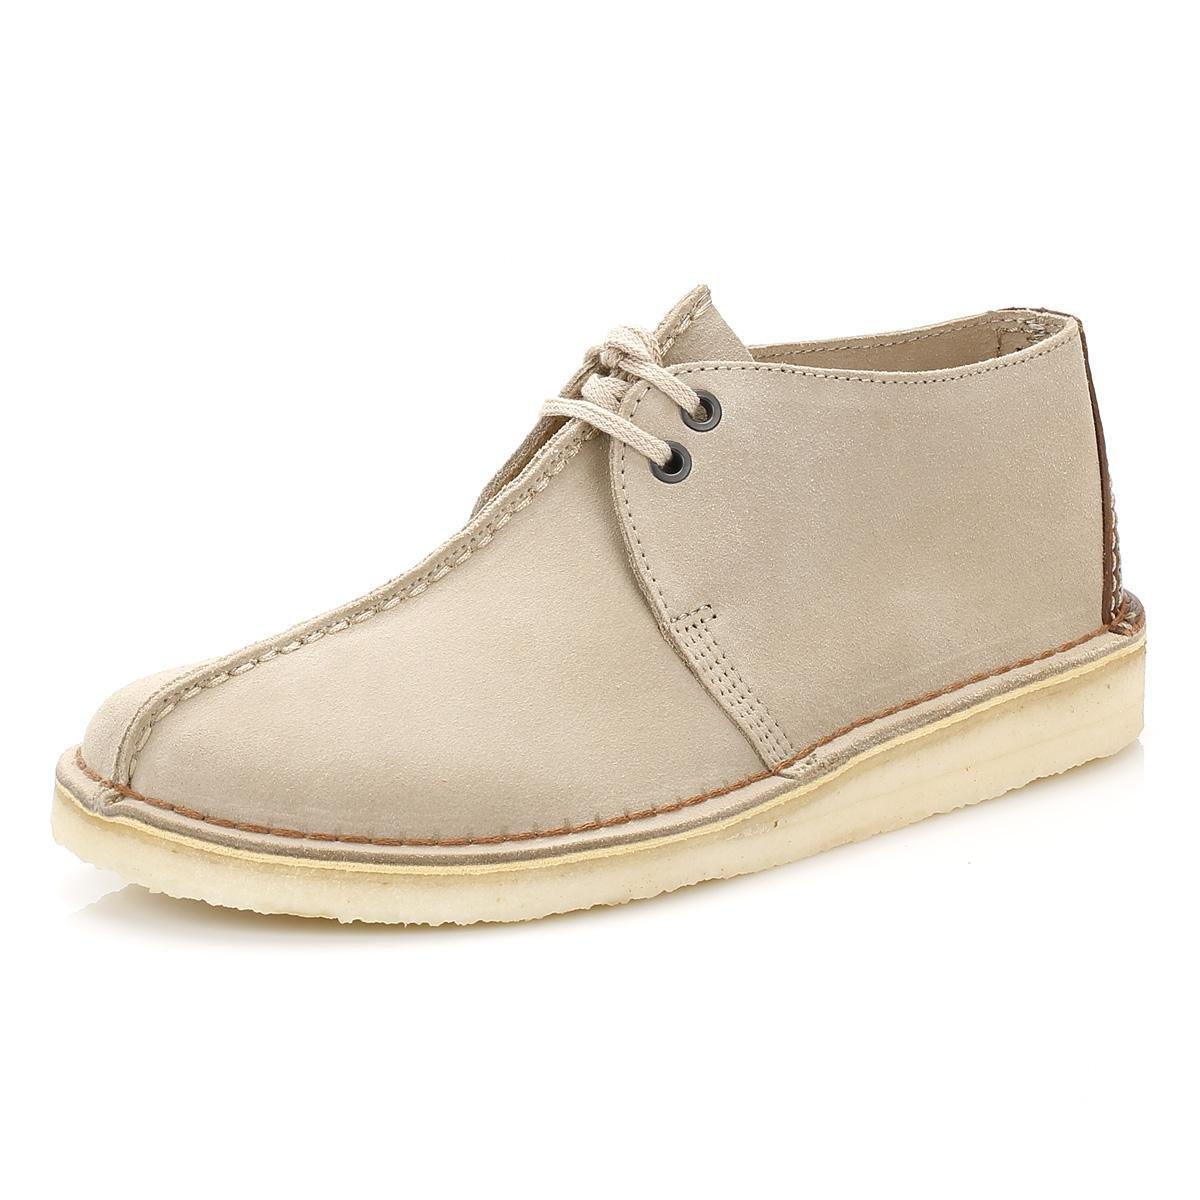 Clarks - Natural Mens Sand Suede Desert Trek Shoes for Men - Lyst. View  fullscreen